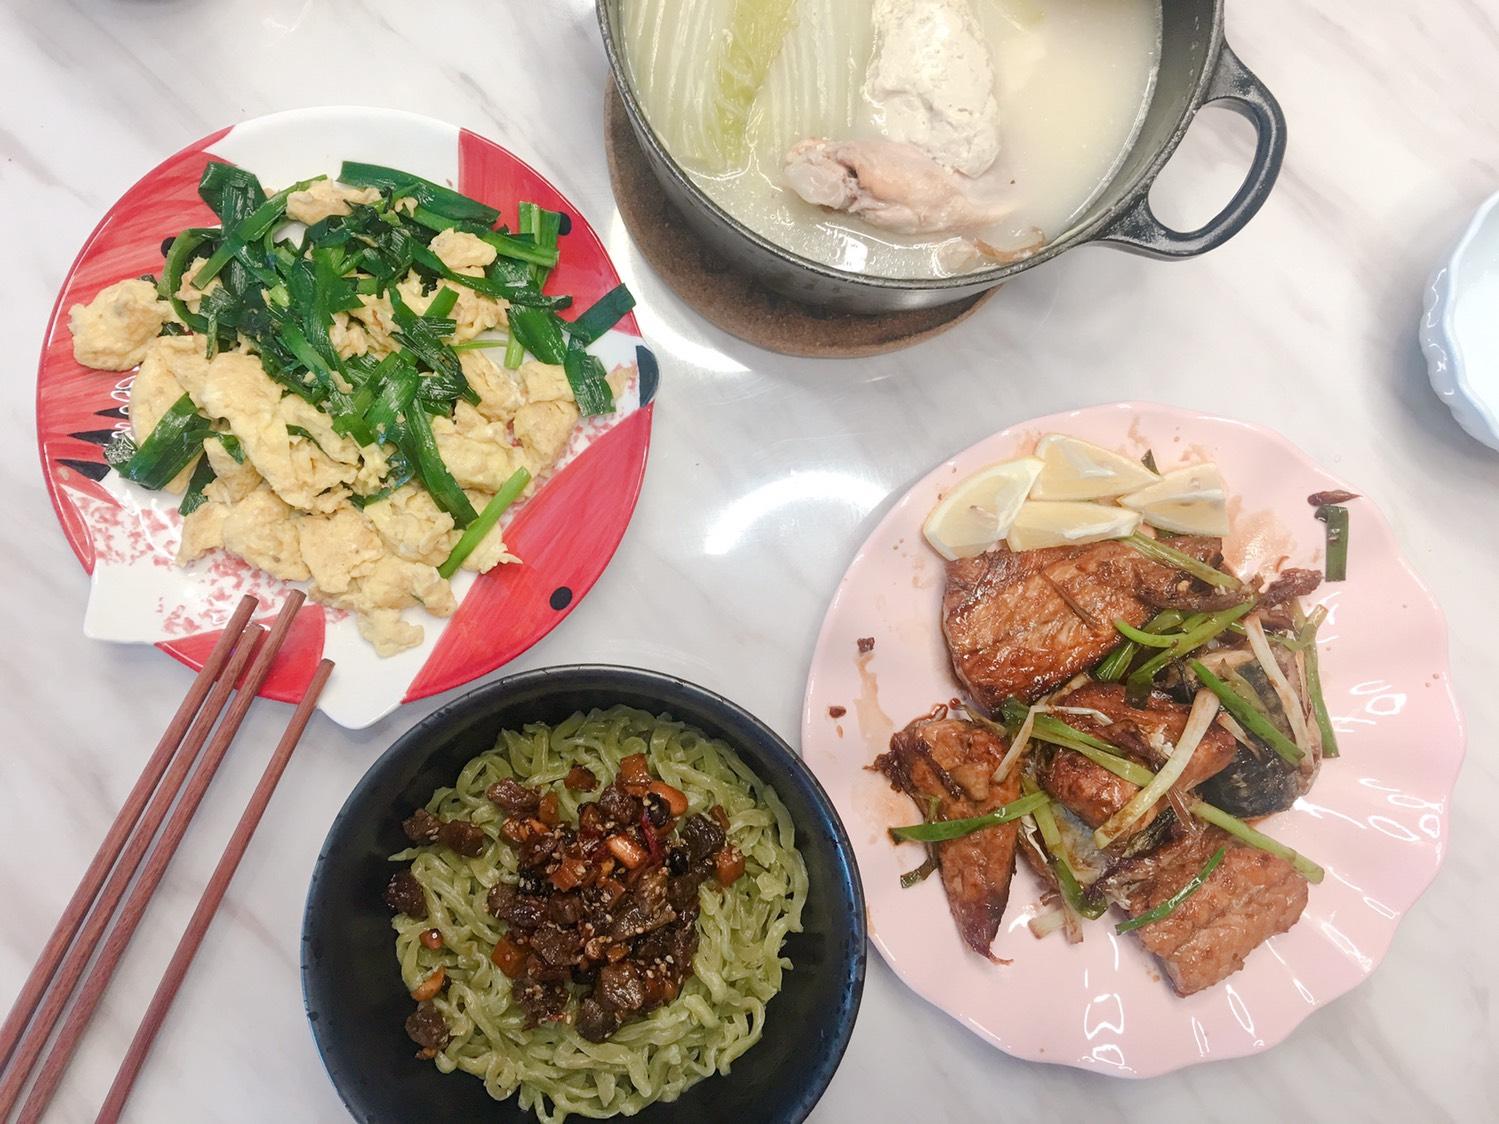 昨天的晚餐~韭菜炒鸡蛋x照烧鲭鱼x